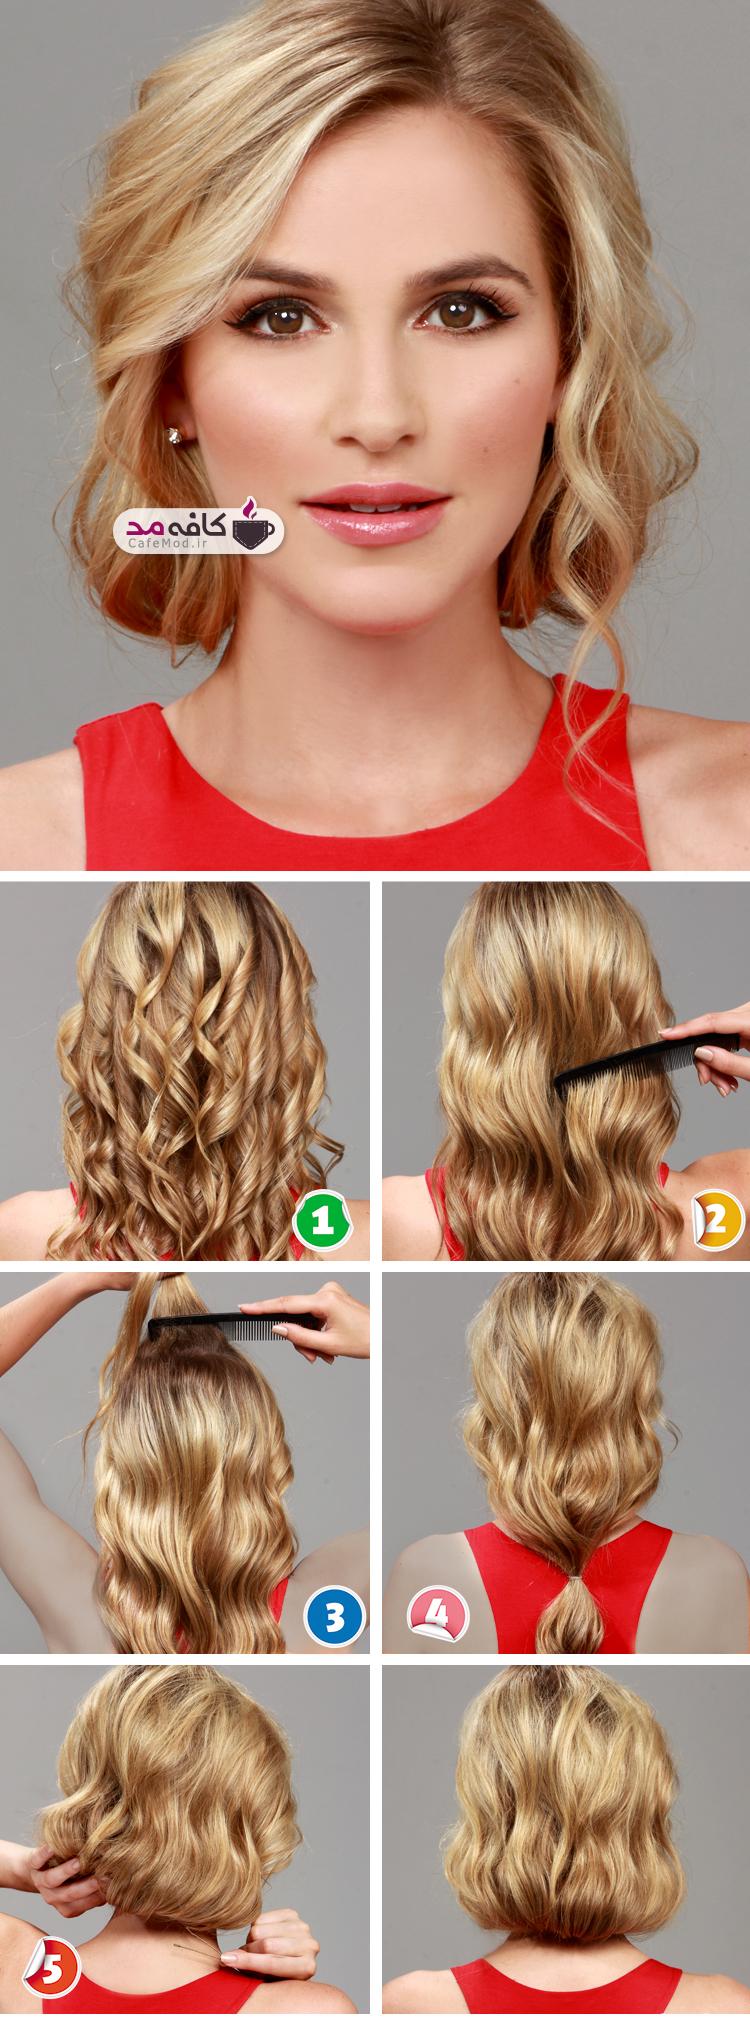 آموزش آرایش موی بلند بصورت کوتاه